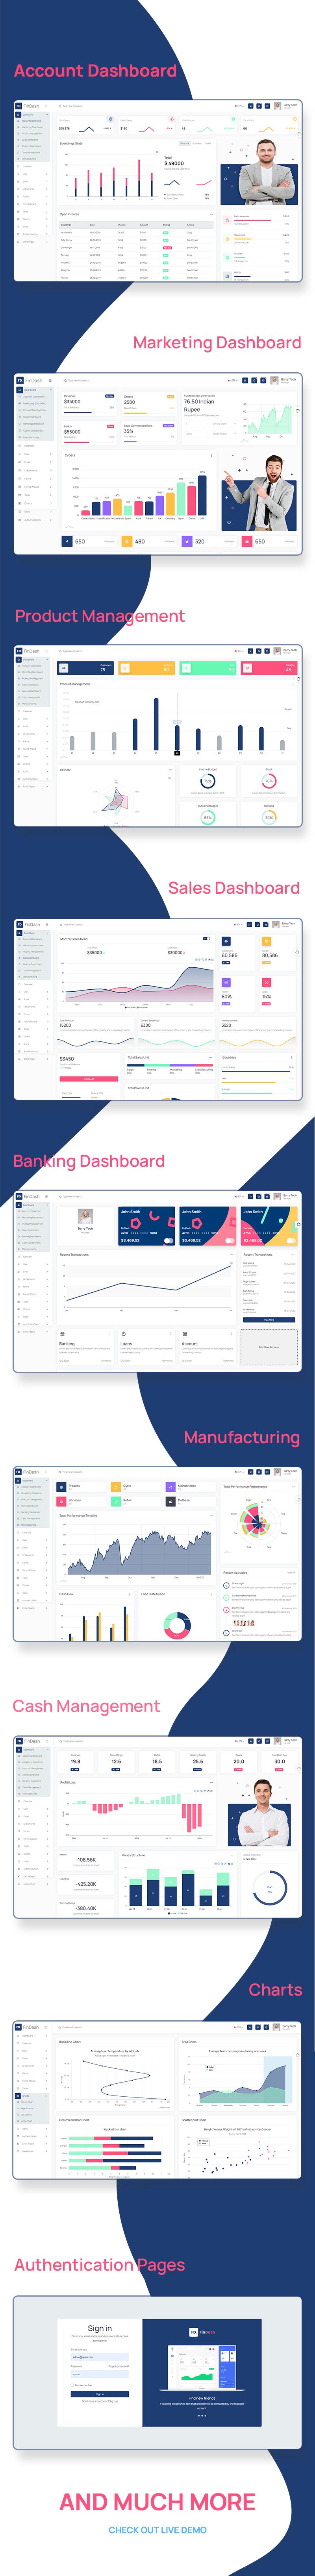 FinDash - Vuejs, HTML Finance Sales Dashboard. - 7 vue js html finance sales dashboard FinDash 2